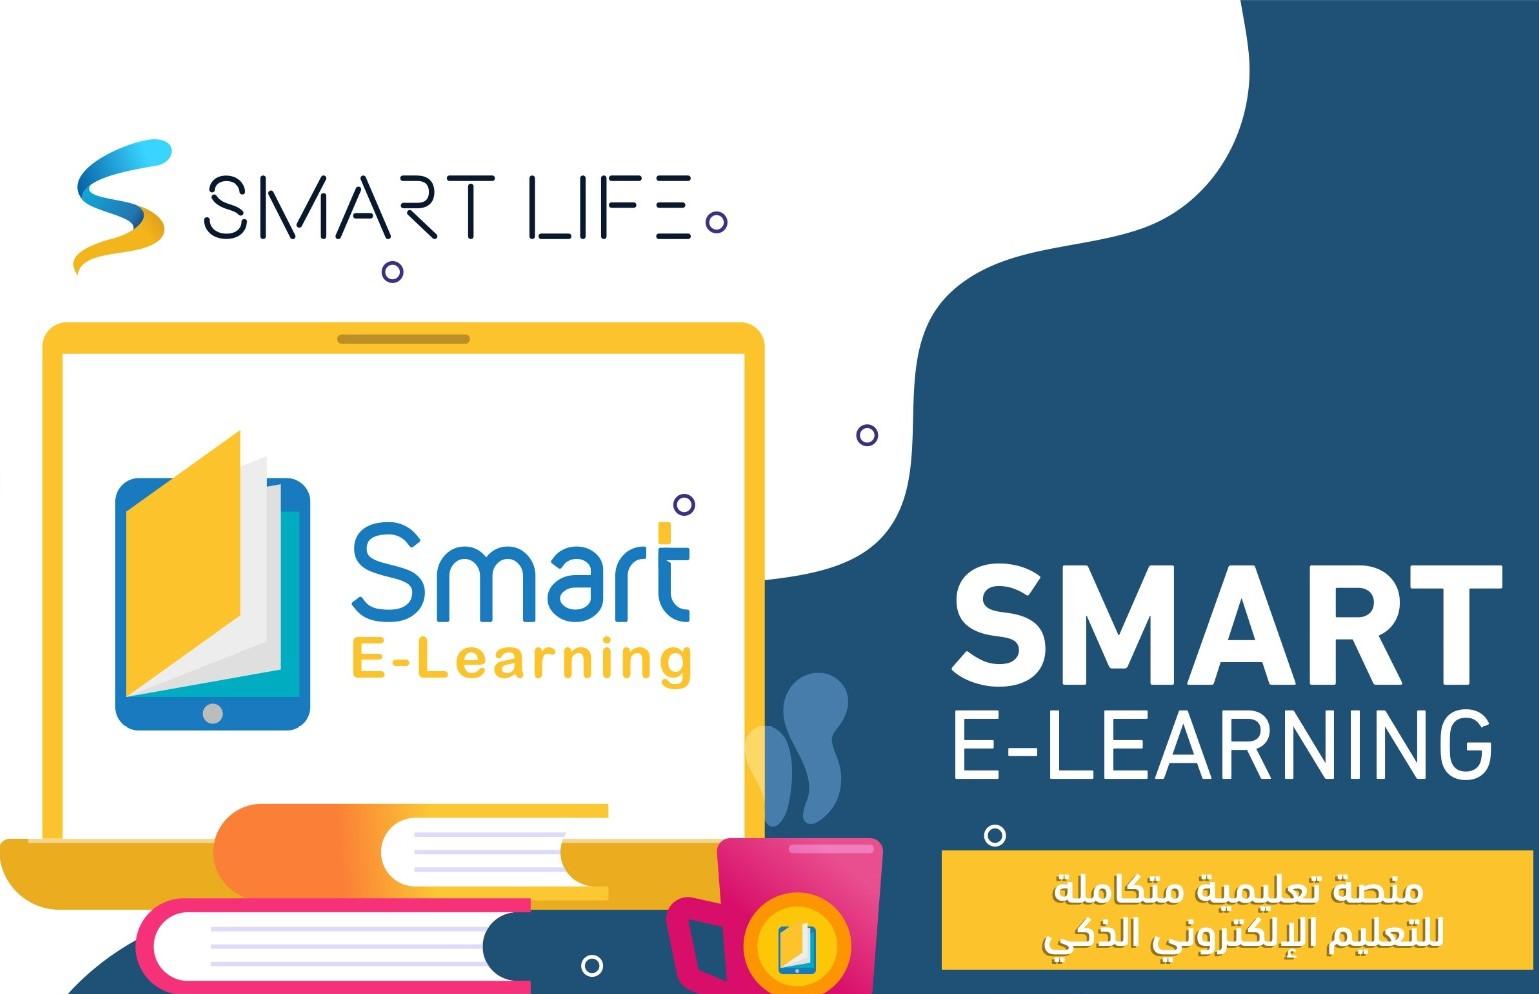 نظام Smart E-Learning هو نظام تفاعلي يعتمد على بيئة إلكترونية رقمية متكاملة تعرض المقررات الدراسية عبر الانترنت، وتوفر سبل الإرشاد والتوجيه وتنظيم الاختبارات وكذلك إدارة المصادر والعمليات وتقويمها.